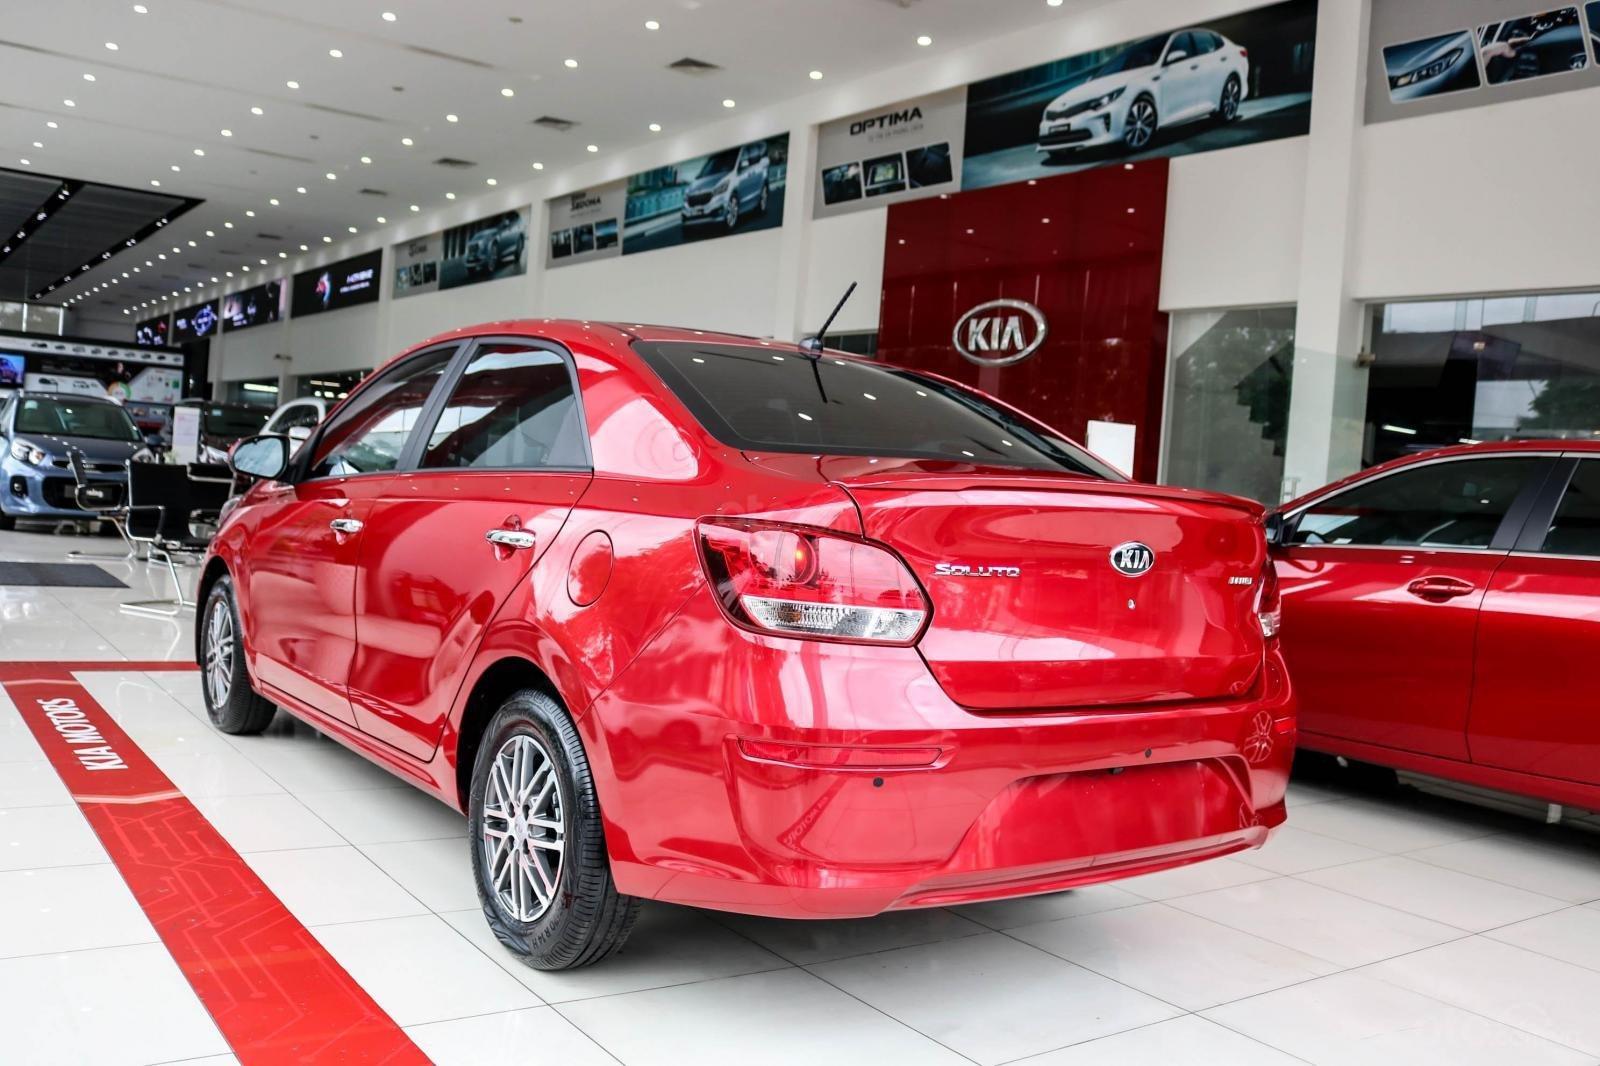 Bán xe Kia Soluto AT 2019, màu đỏ (2)